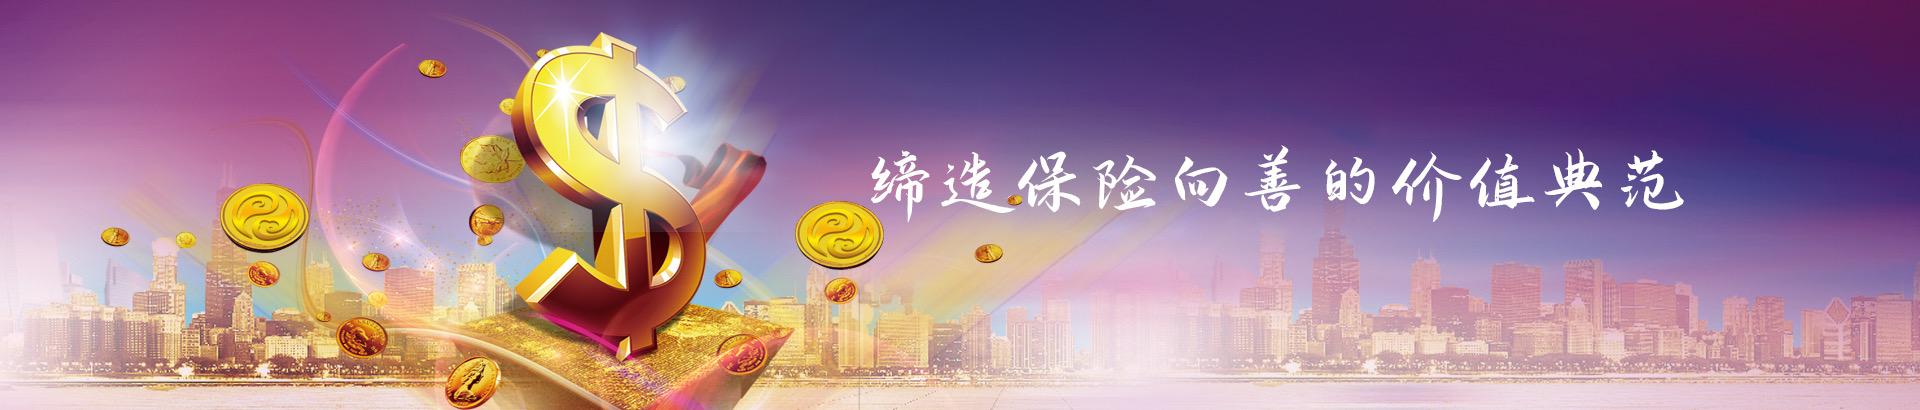 华邦控股核心业务展示